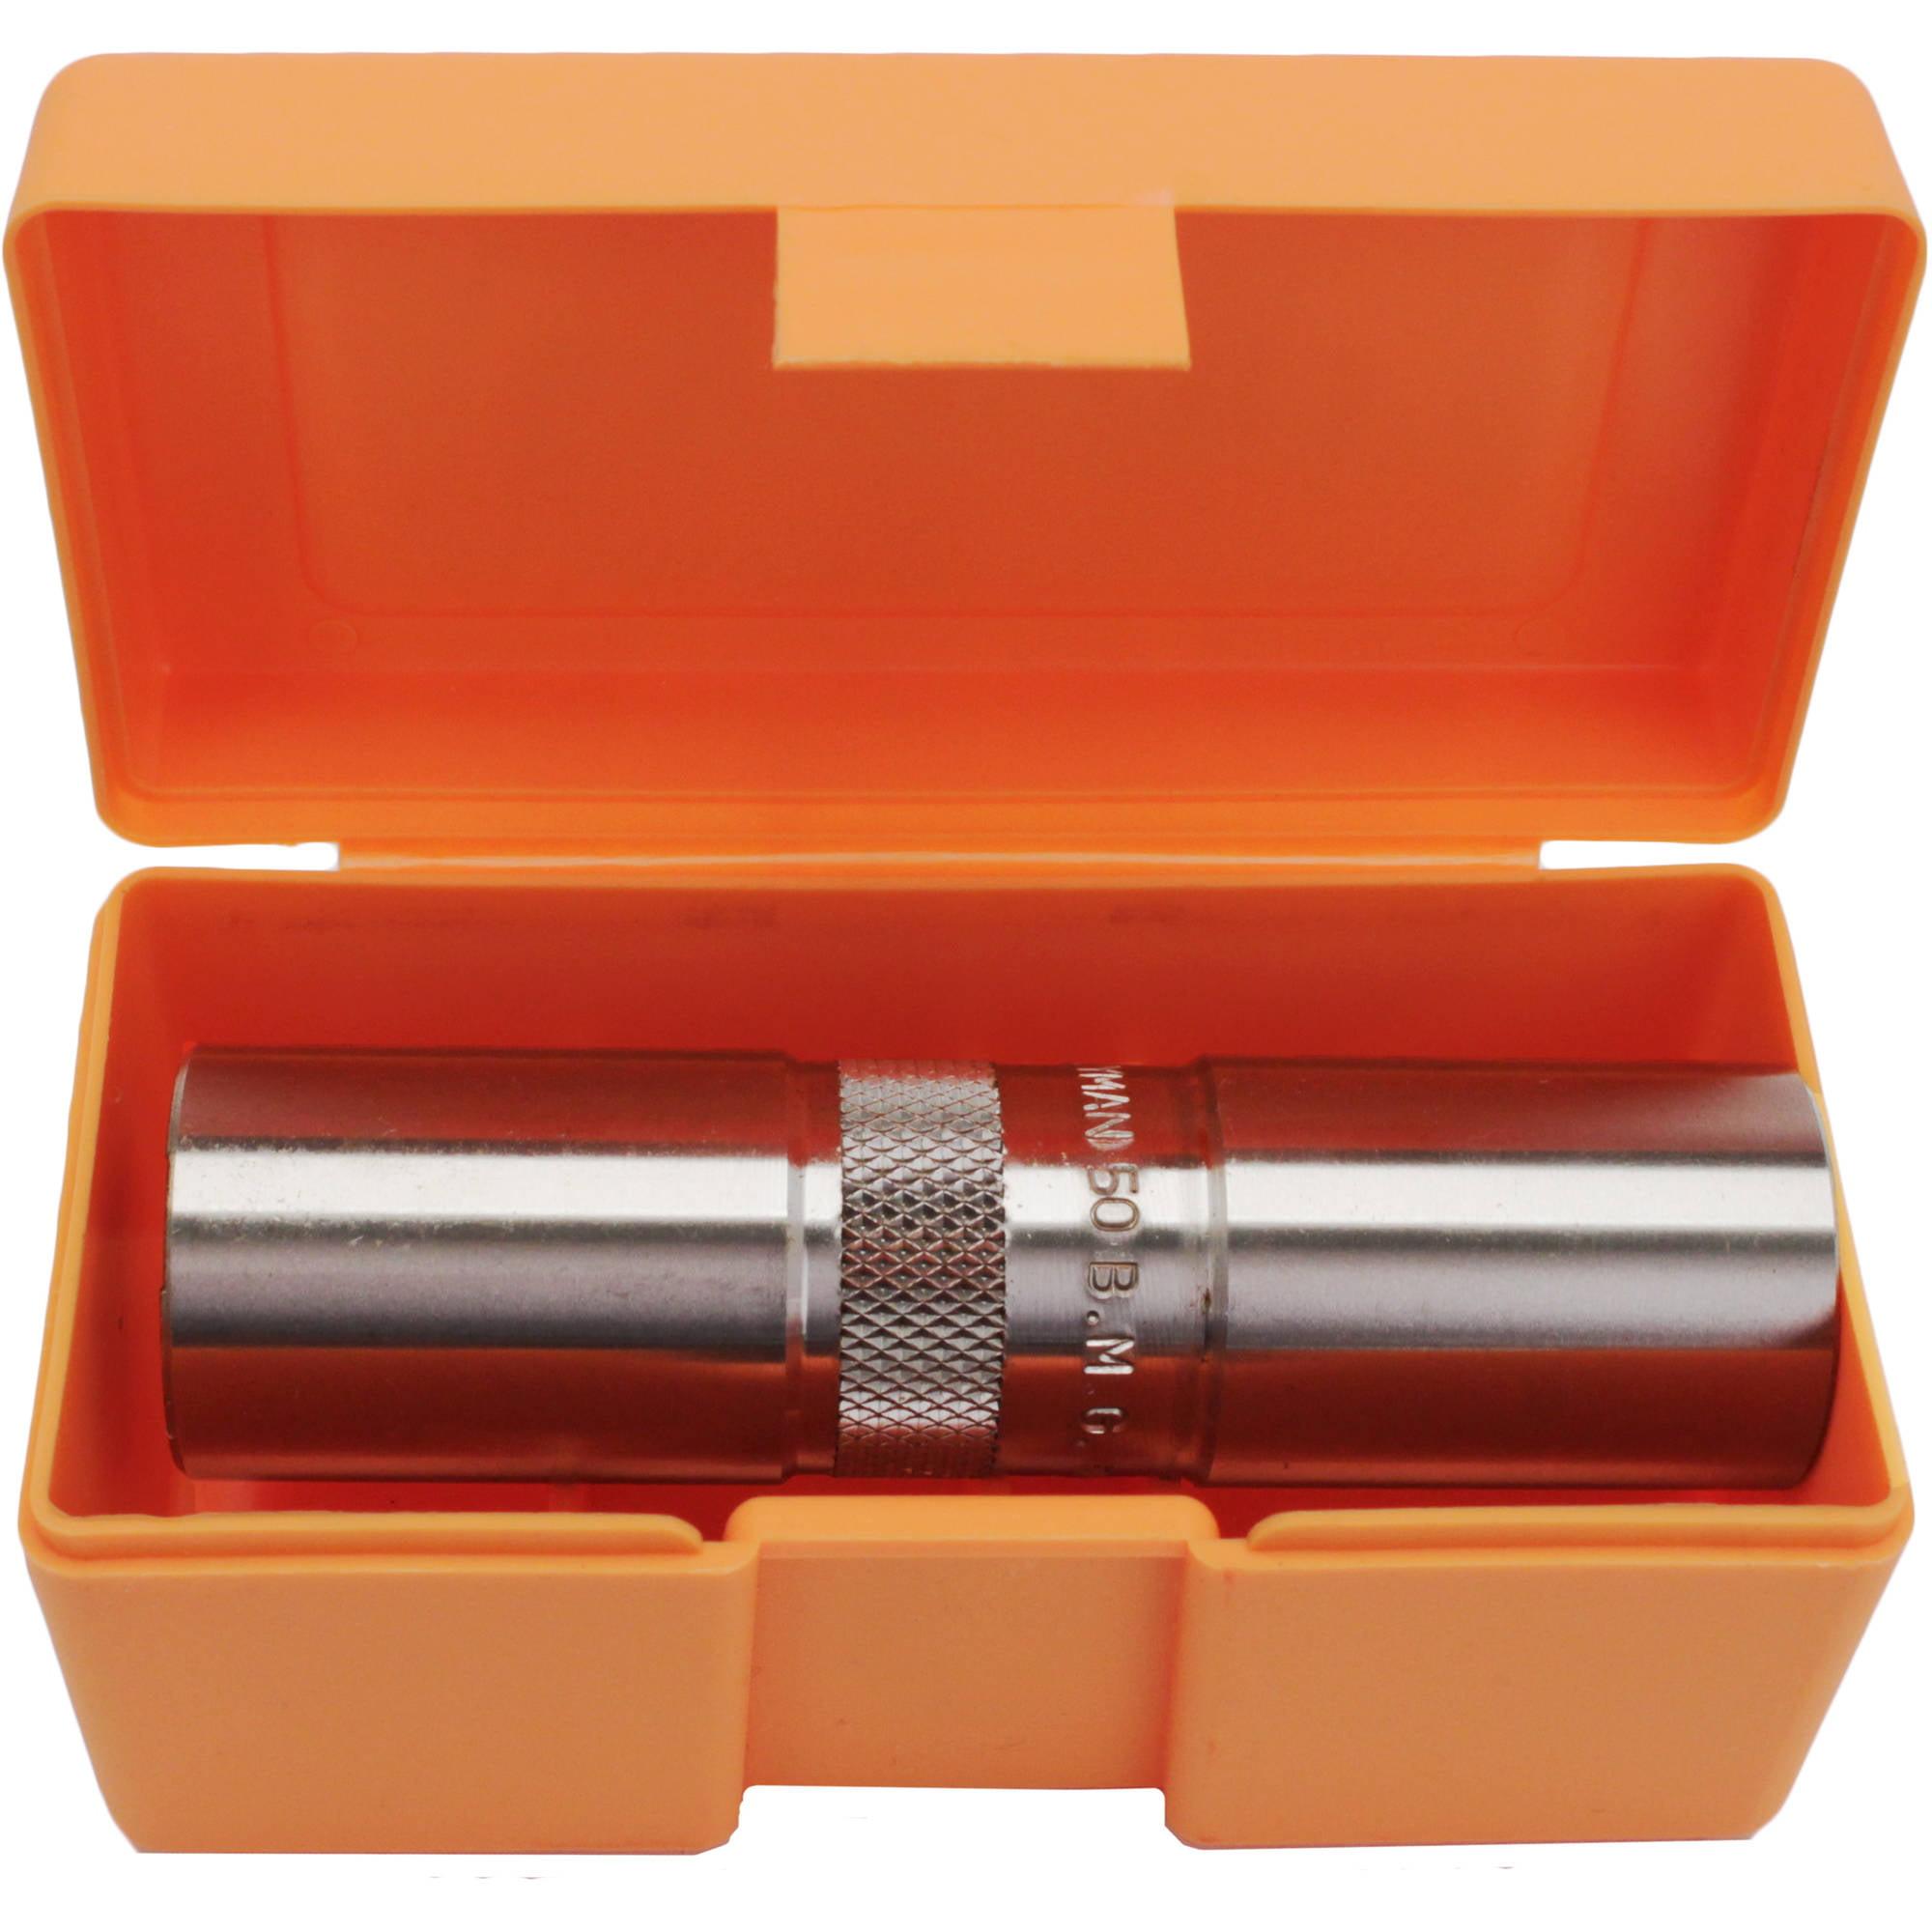 Lyman 50 BMG Case Length Headspace Gauge by Lyman